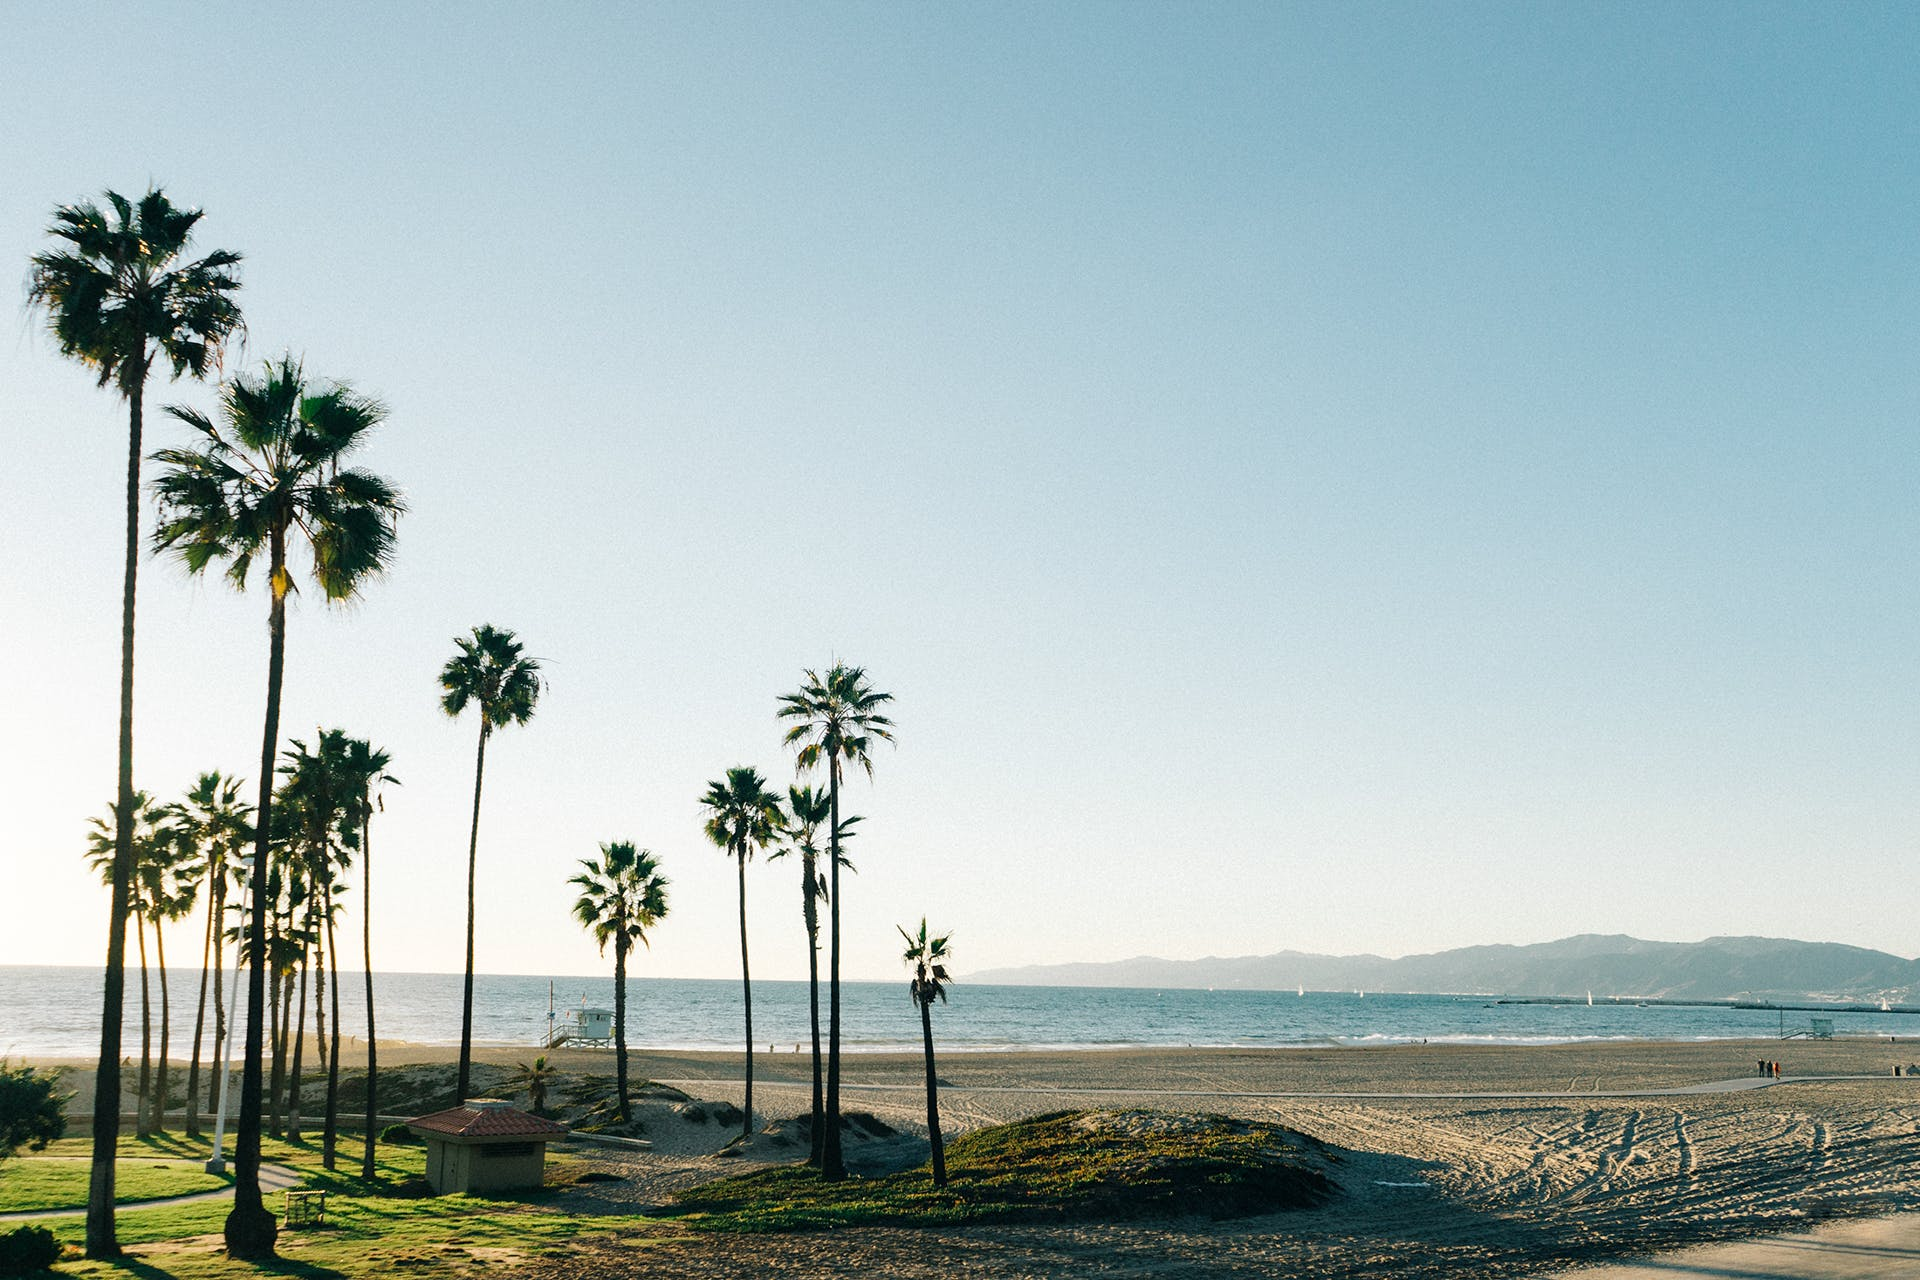 beach, palms